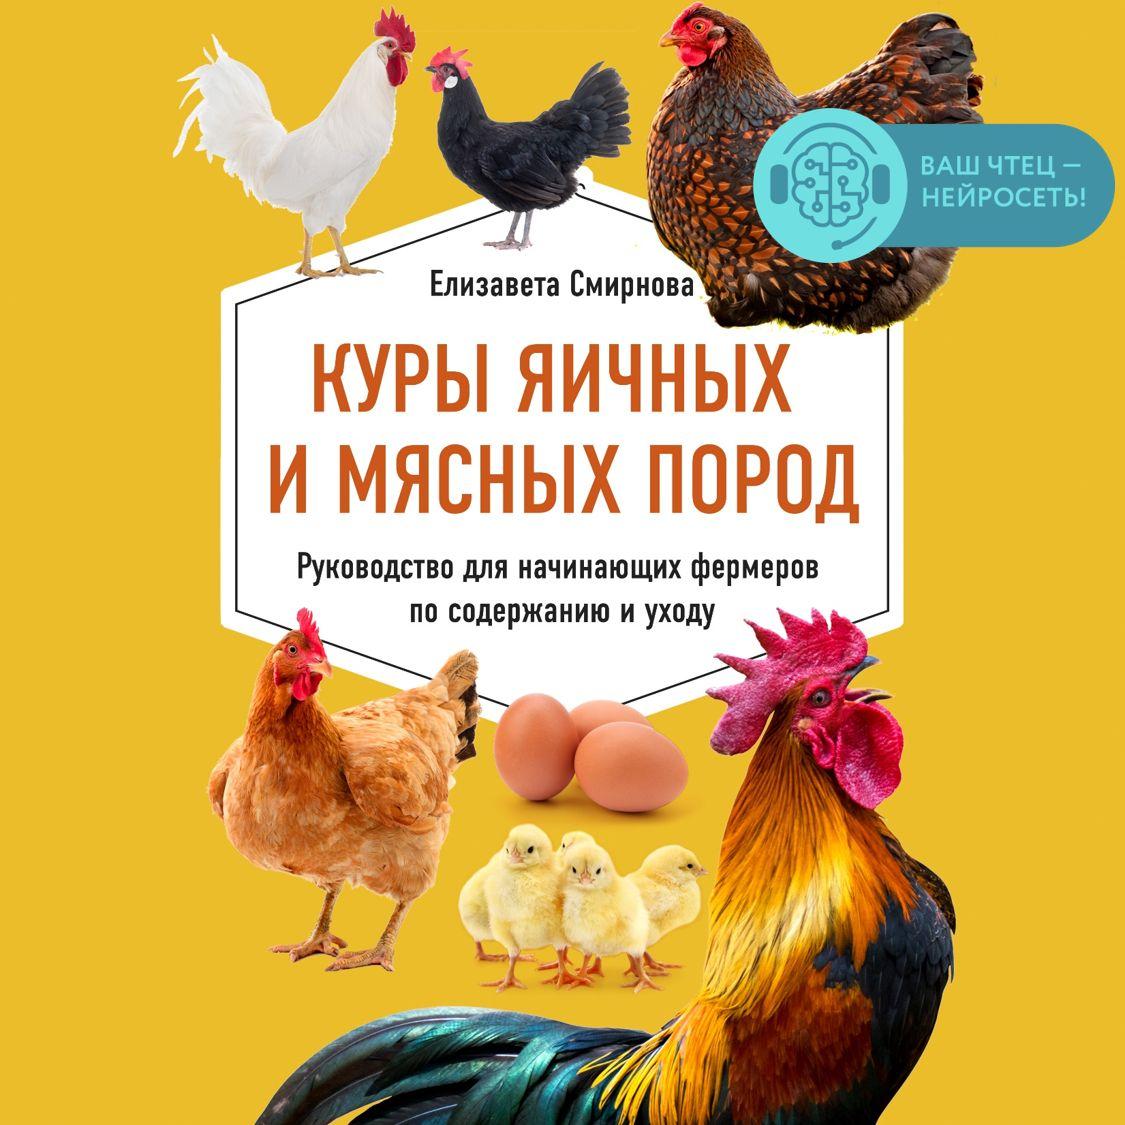 Купить книгу Куры яичных и мясных пород. Руководство для начинающих фермеров по содержанию и уходу, автора Елизаветы Смирновой